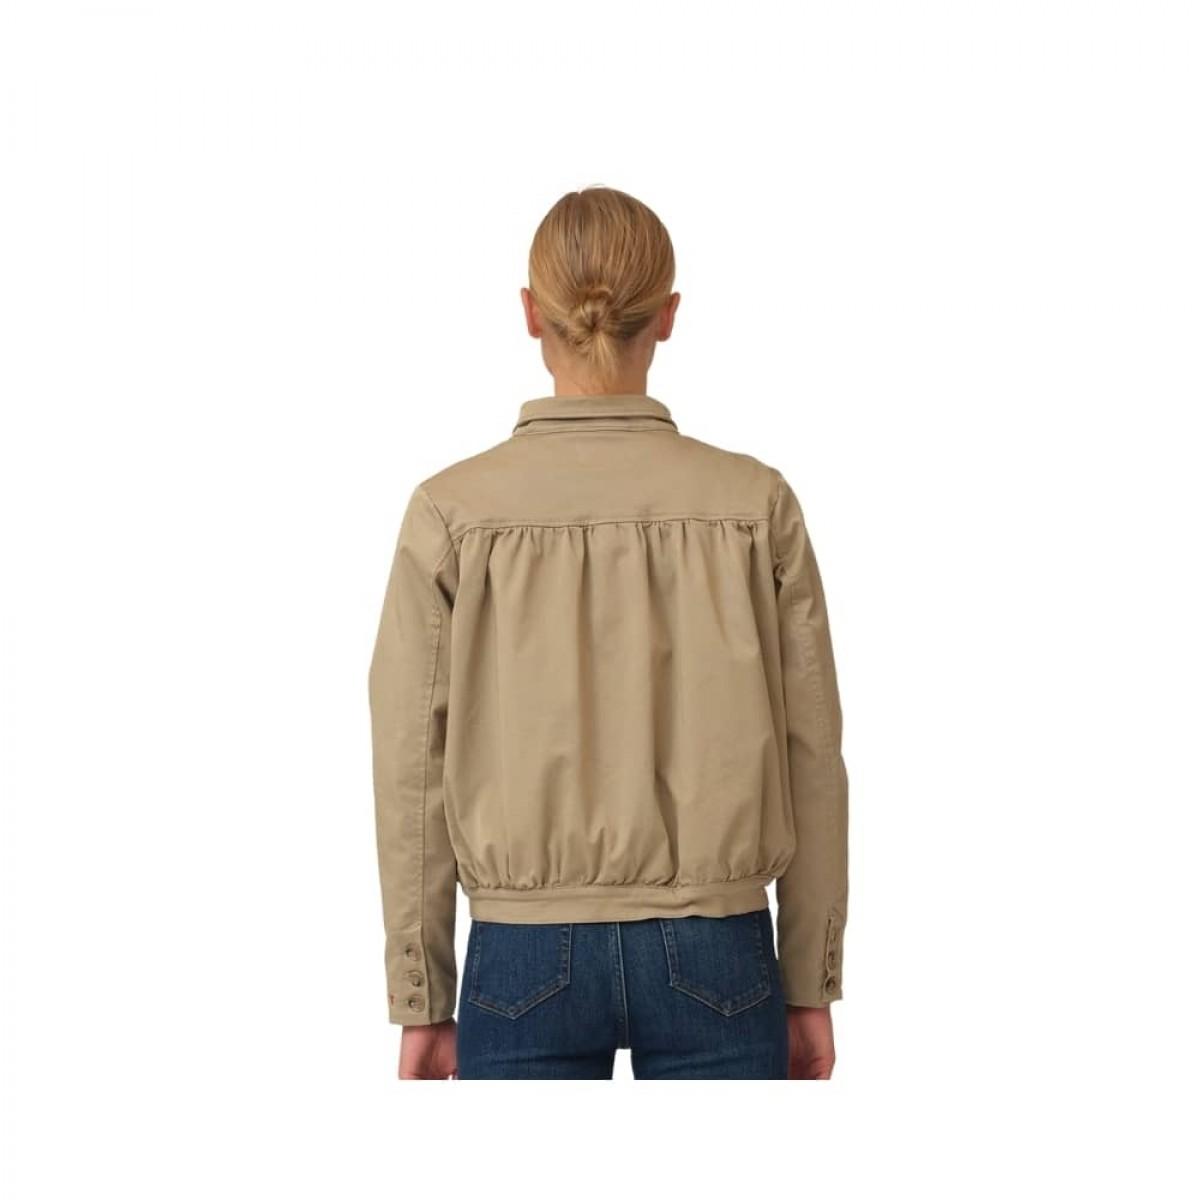 greta cropped jacket - camel - model ryg